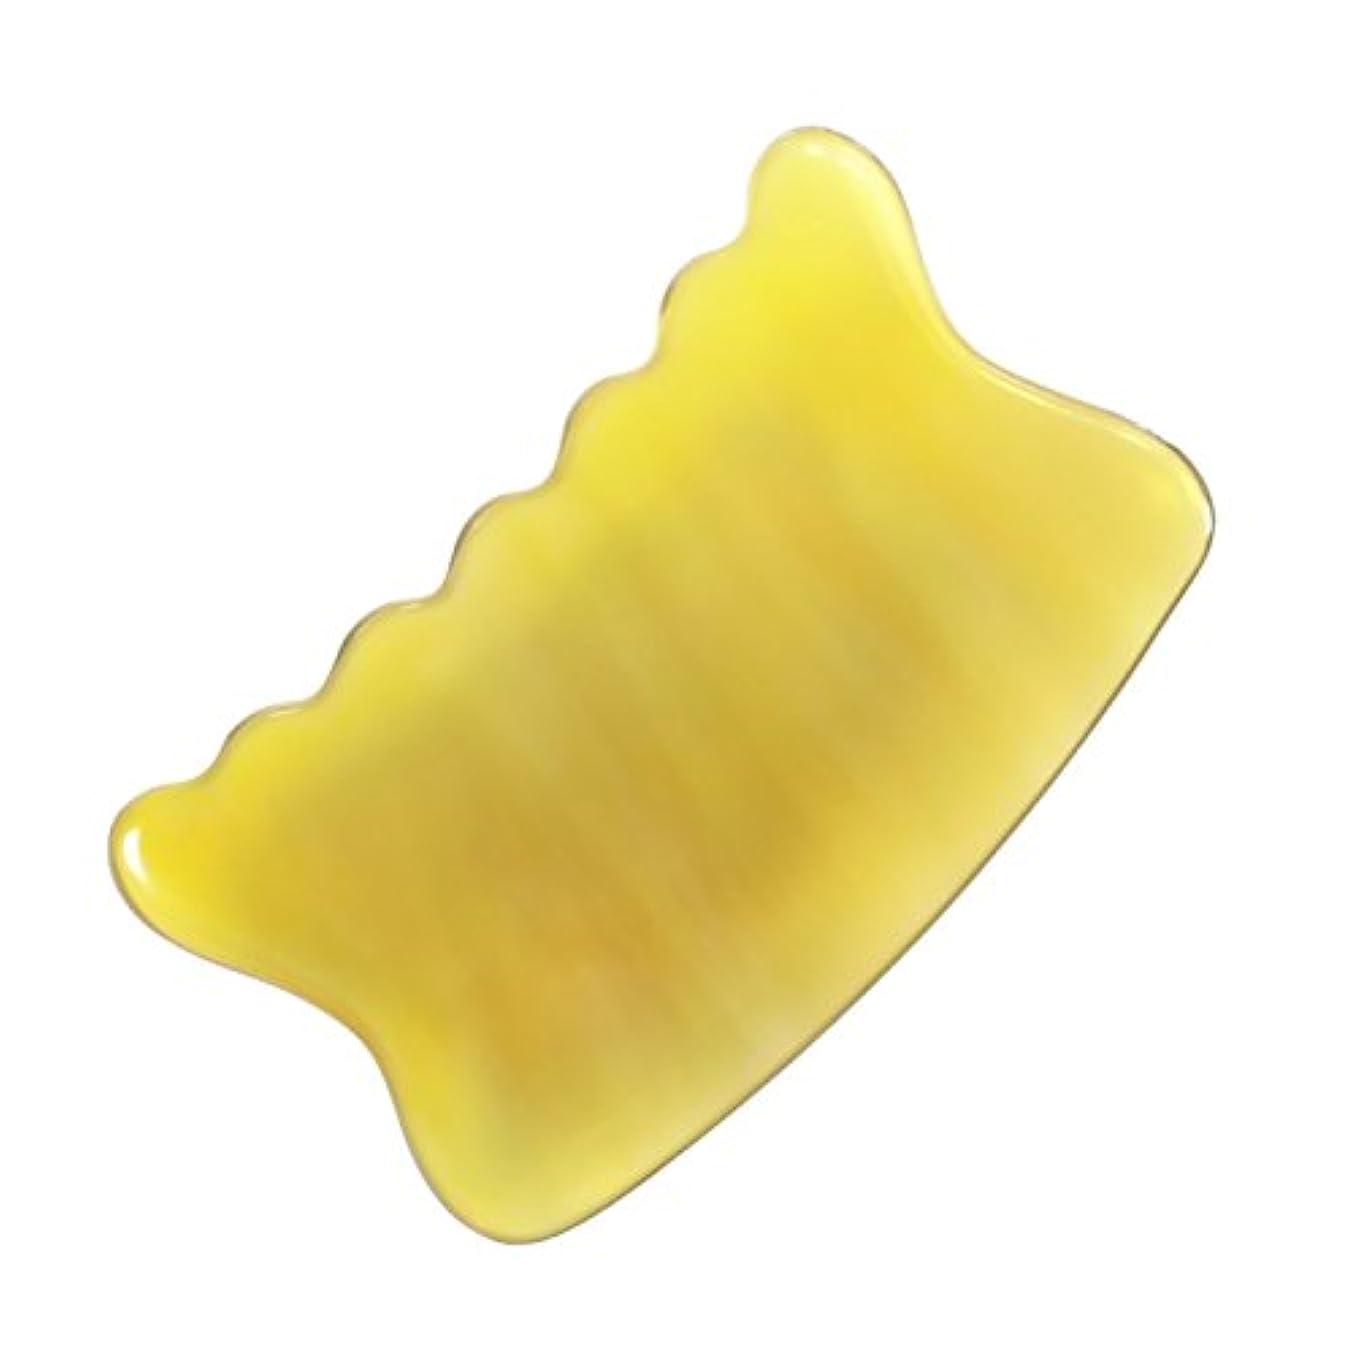 マーチャンダイザー精神医学パイプラインかっさ プレート 希少68 黄水牛角 極美品 曲波型